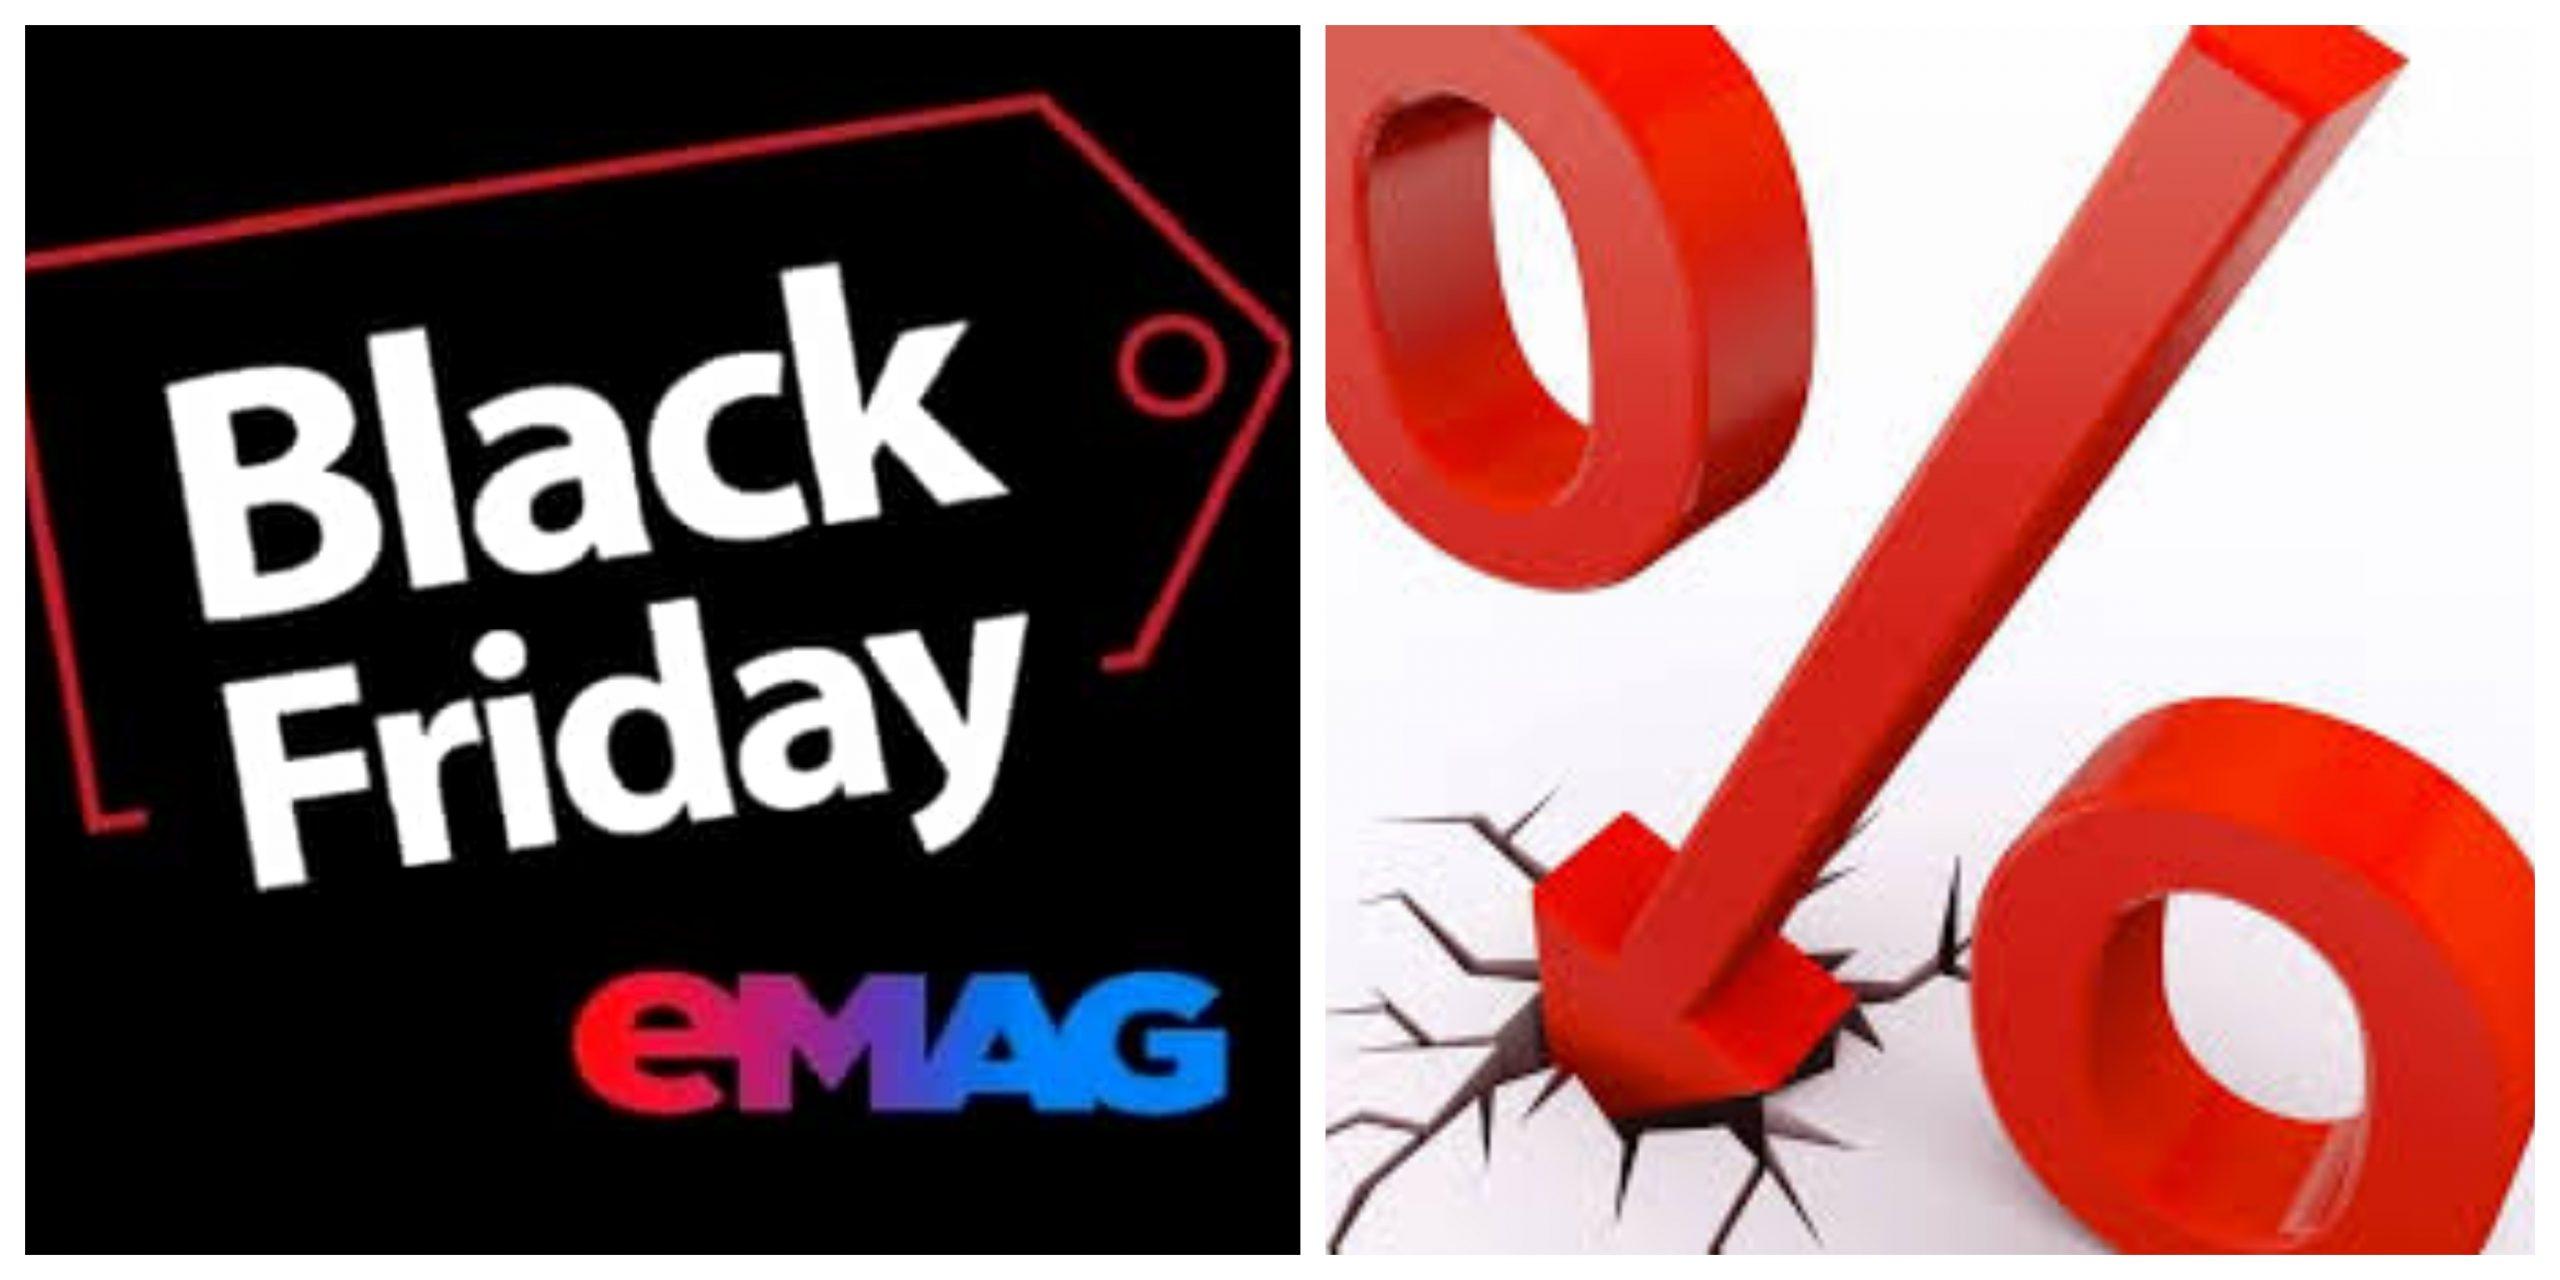 Ce trebuie să faci dacă vezi prețuri greșite la eMag de Black Friday